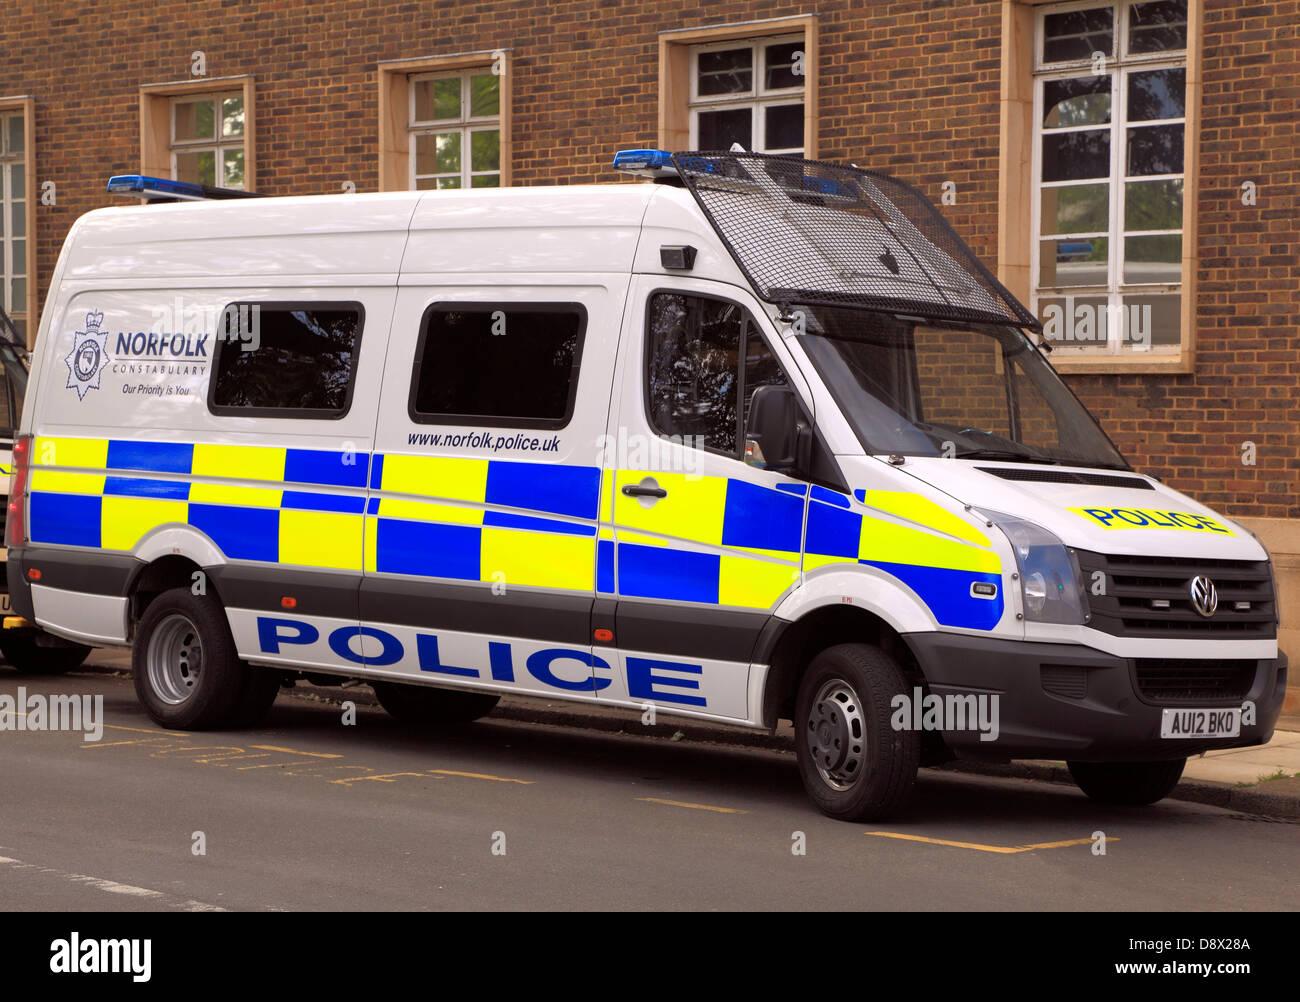 Norfolk Constabulary, furgón, vehículo, vehículos, Inglaterra Imagen De Stock